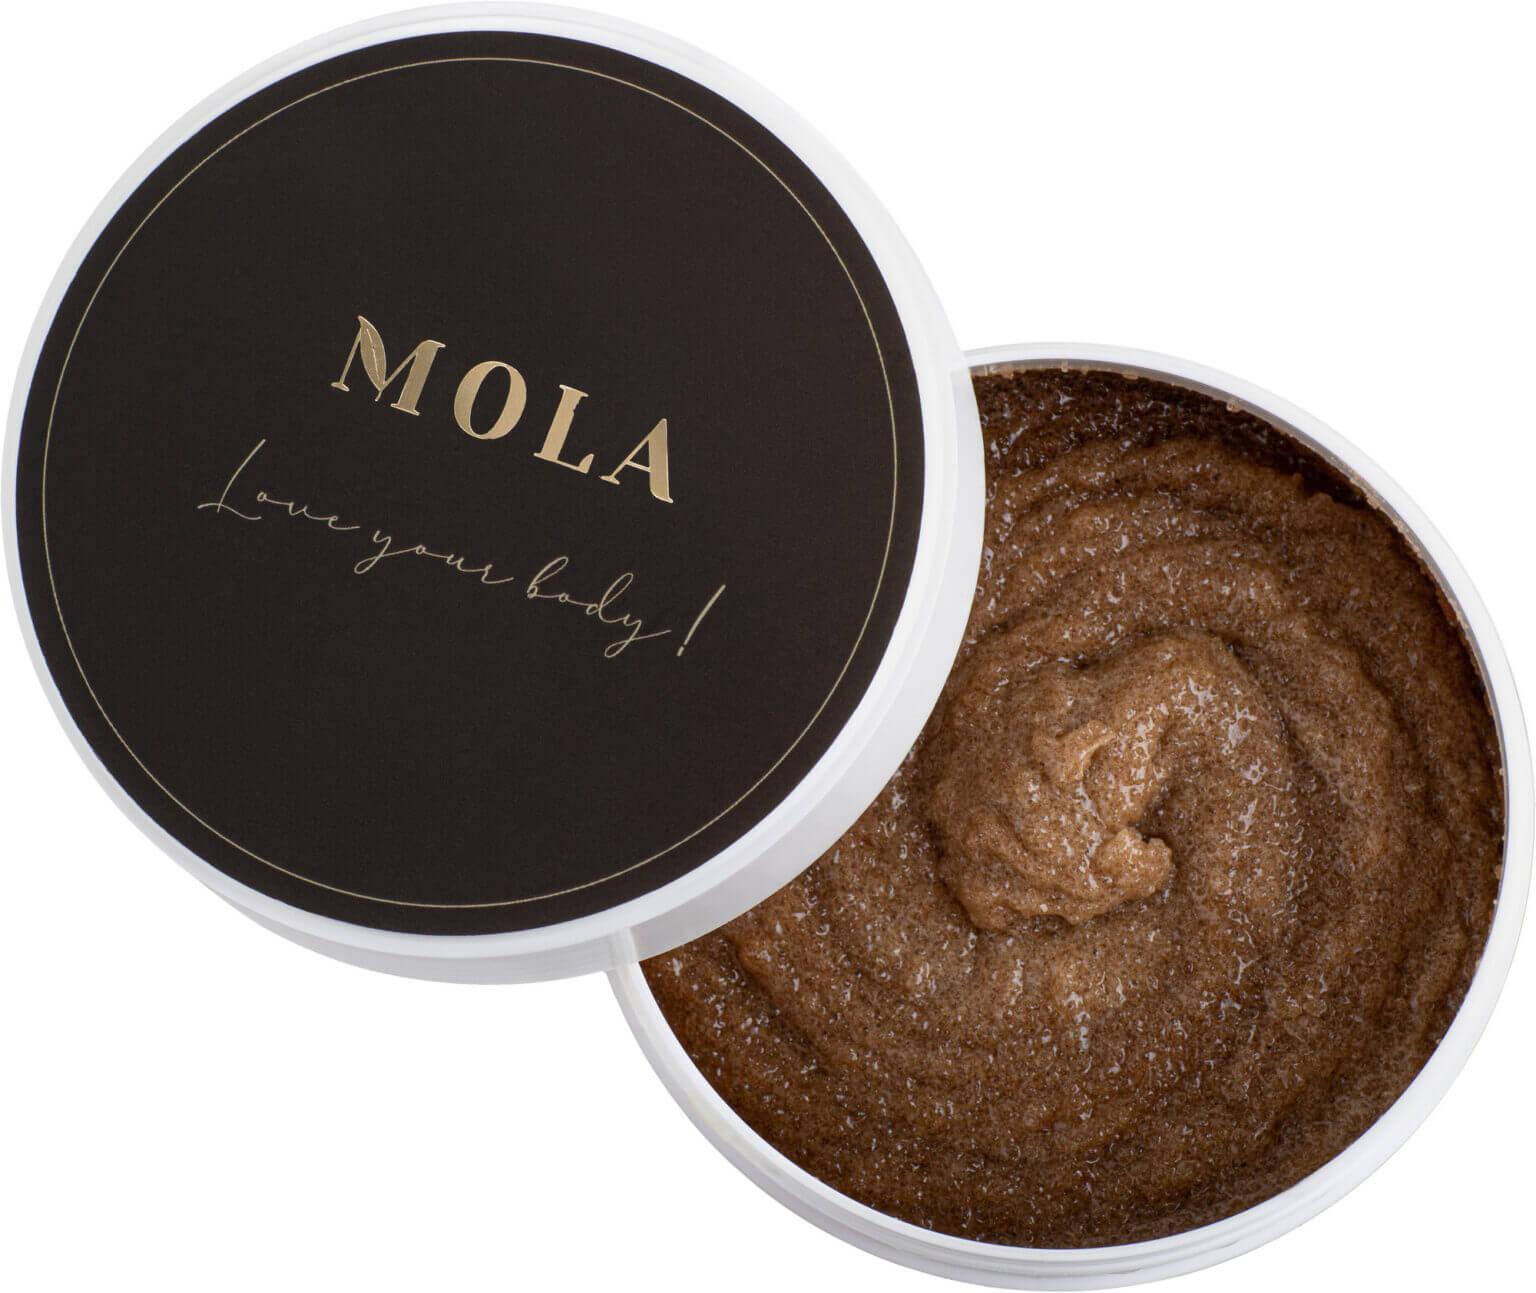 Скраб для тіла MOLA Coffee And Sugar Body Scrub